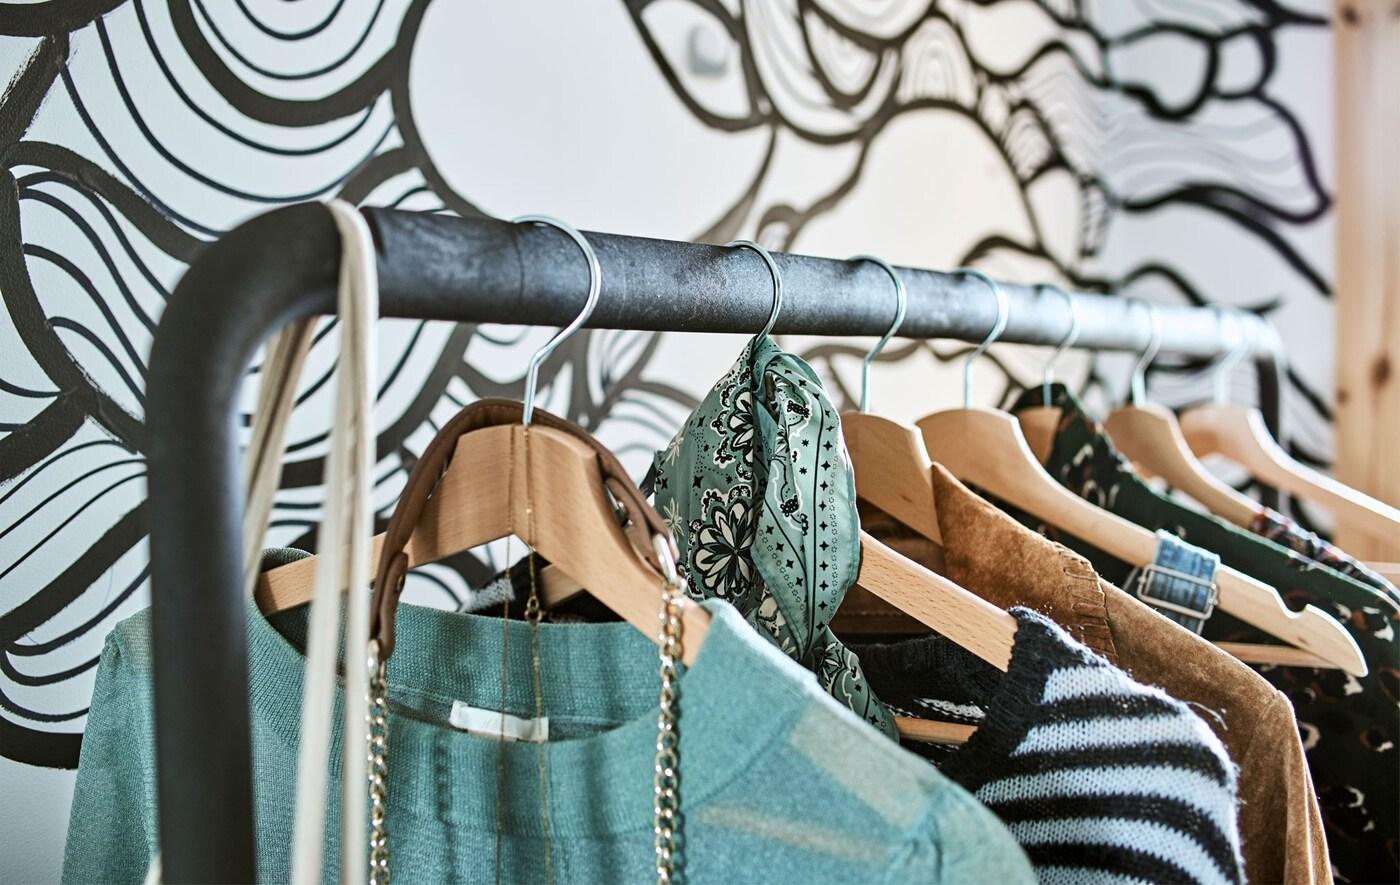 Kleider an einer Kleiderstange vor einer Wand mit einer schwarzweiß gemusterten Tapete